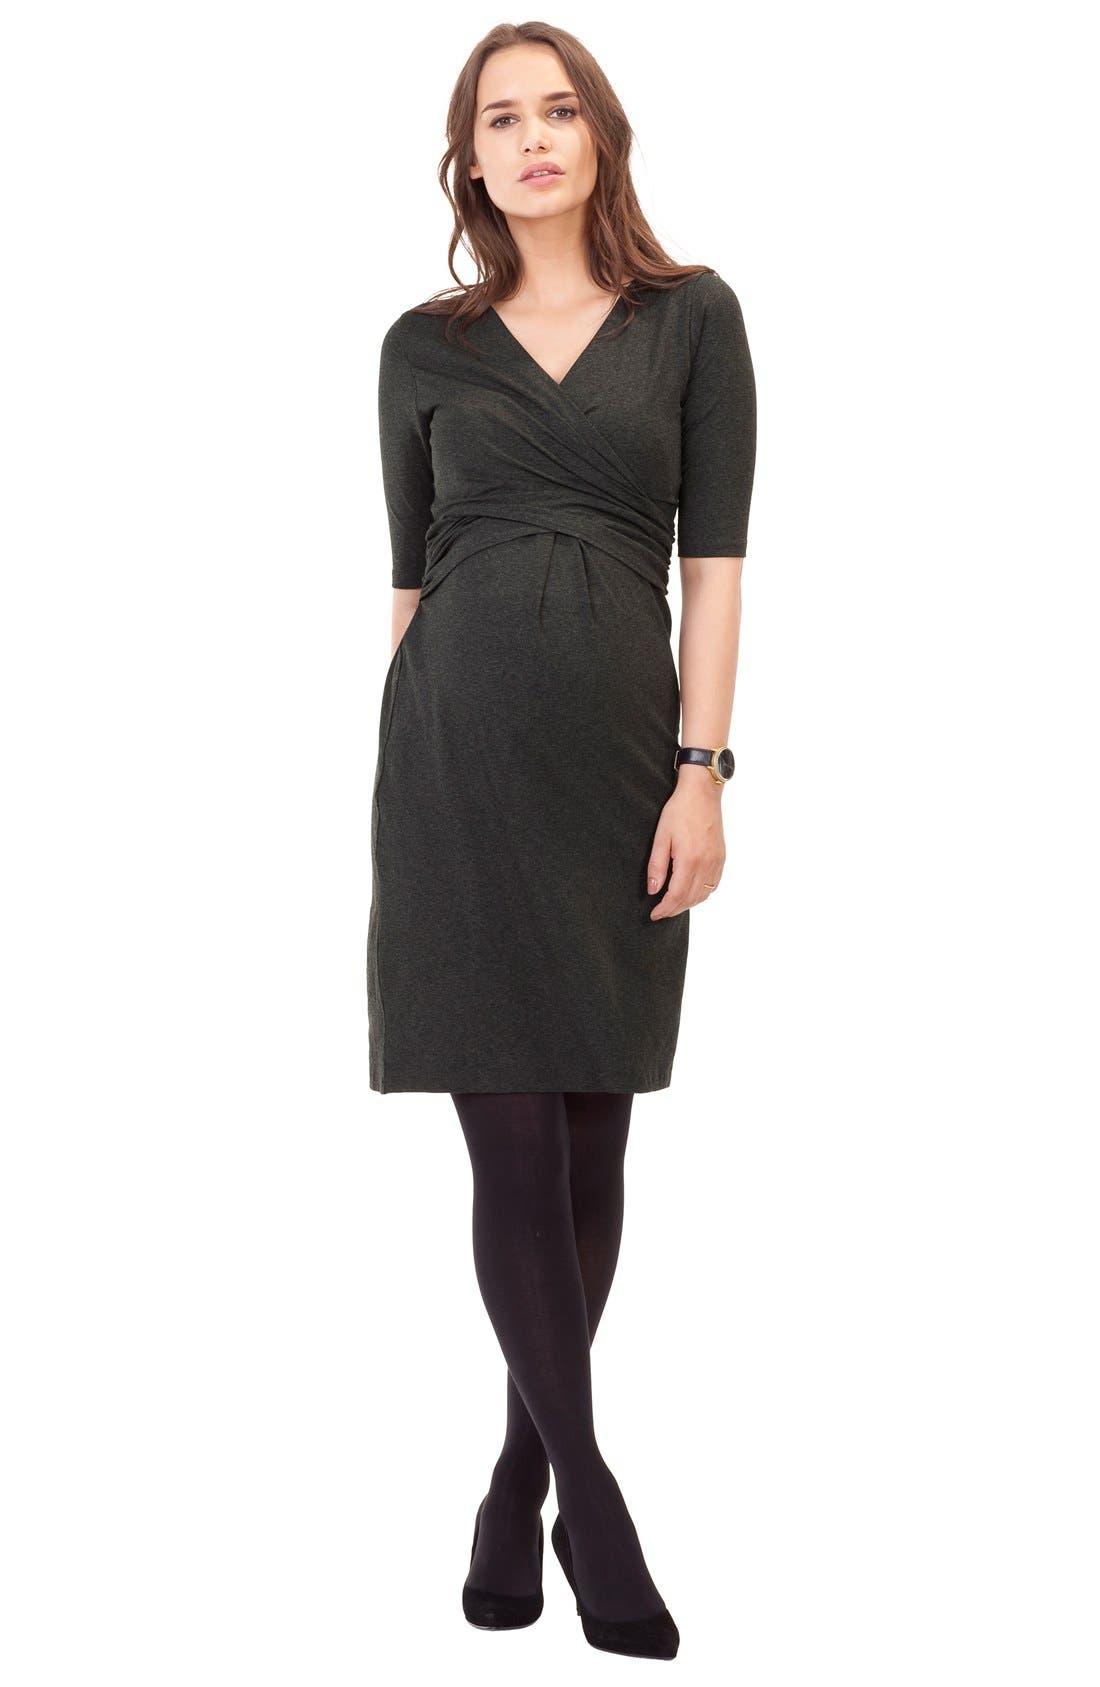 Alternate Image 1 Selected - Isabella Oliver 'Bella' Nursing Dress